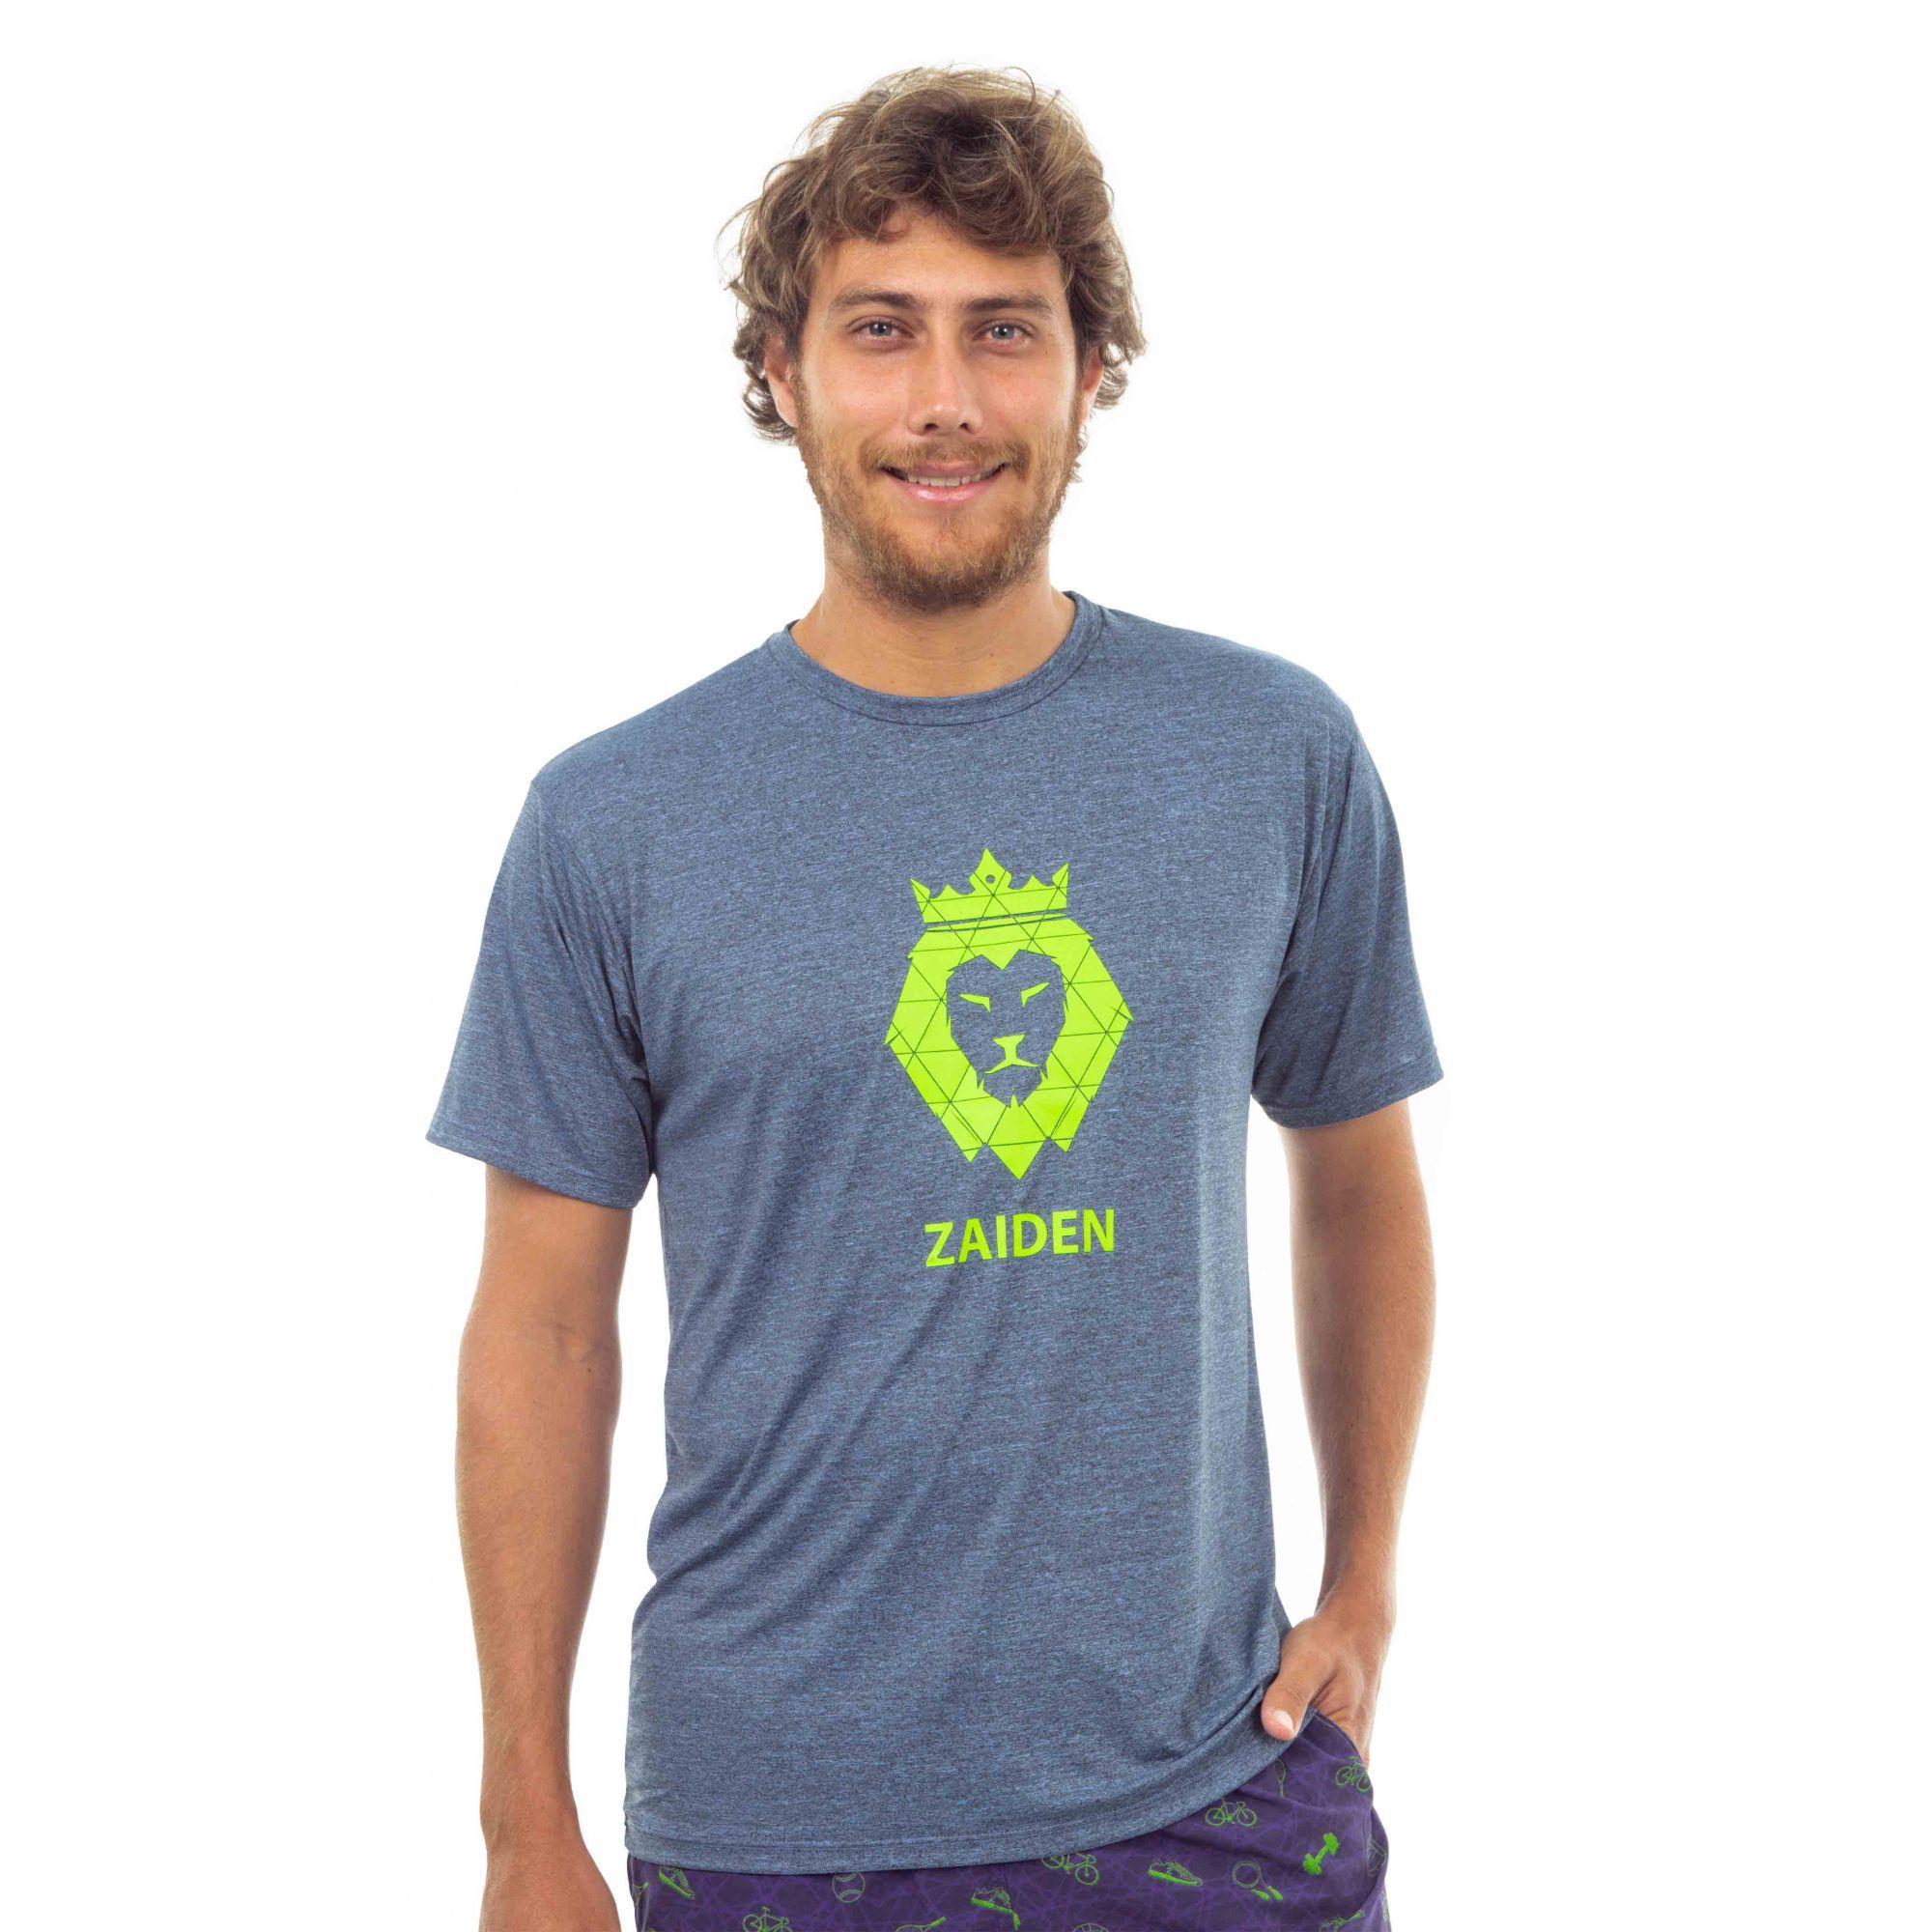 Camiseta Masculina Poliamida Zaiden Oxy Mescla Azul Leão Amarelo